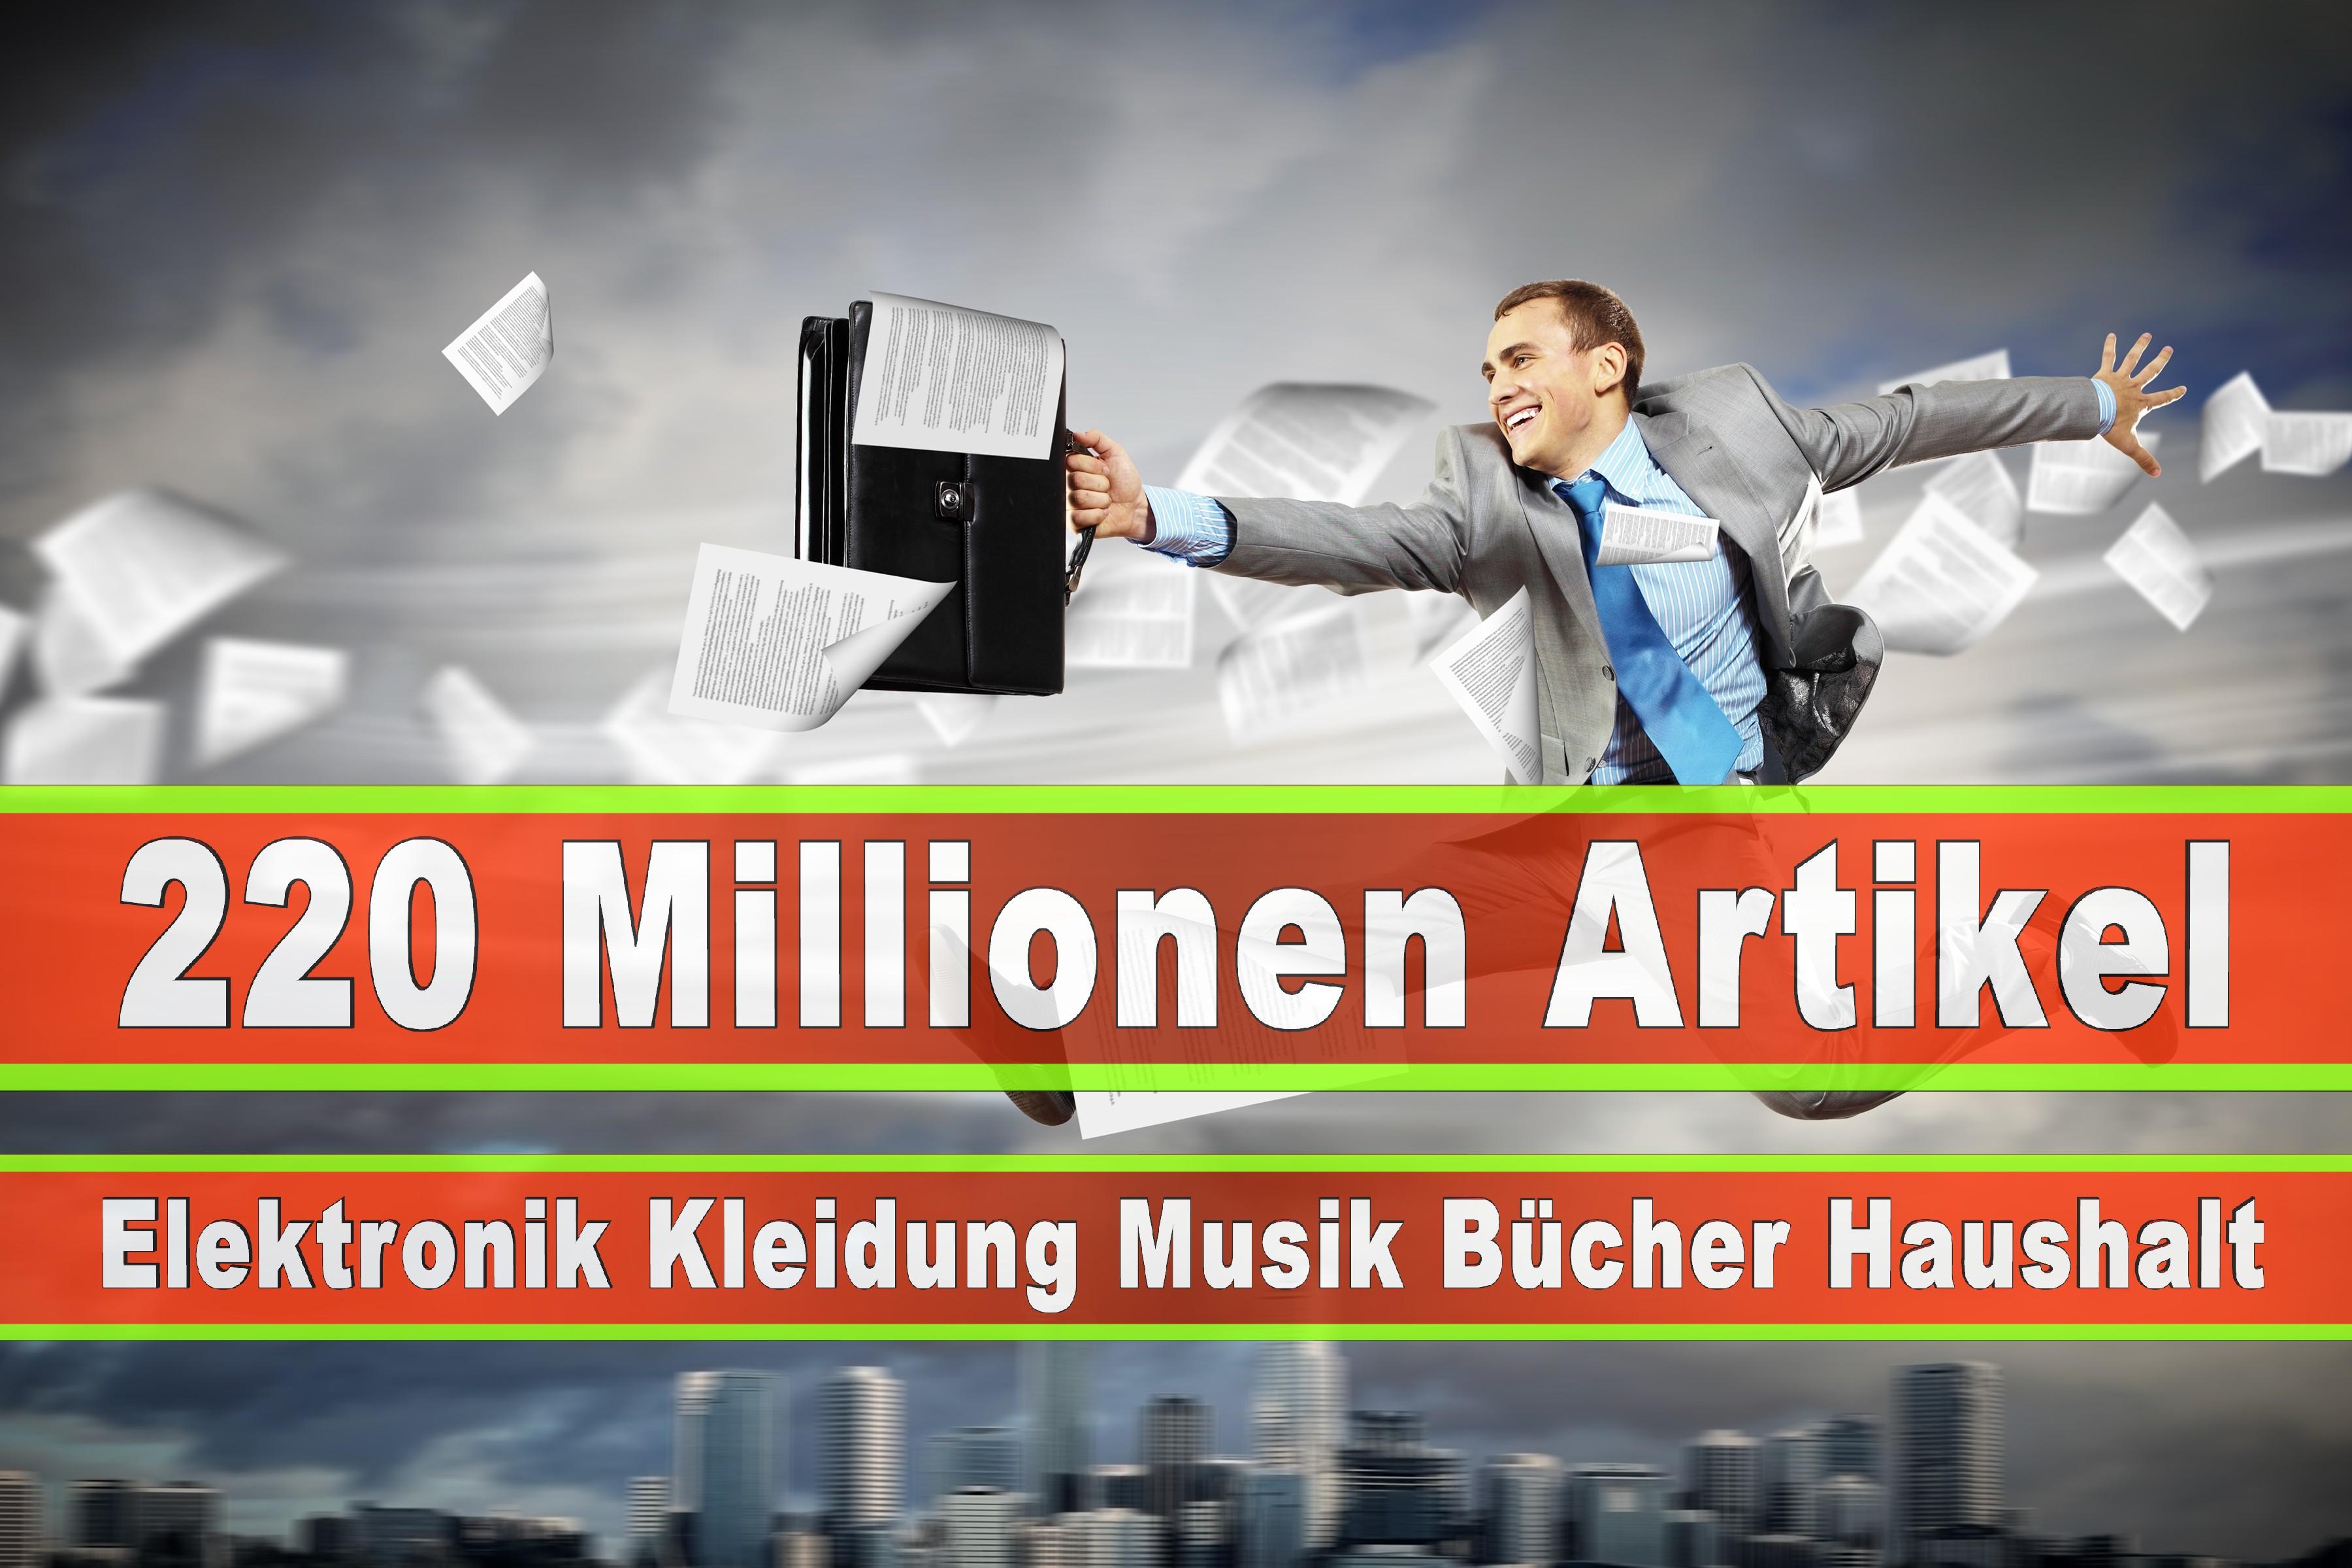 Amazon Elektronik Musik Haushalt Bücher CD DVD Handys Smartphones TV Television Fernseher Kleidung Mode Ebay Versandhaus (160)